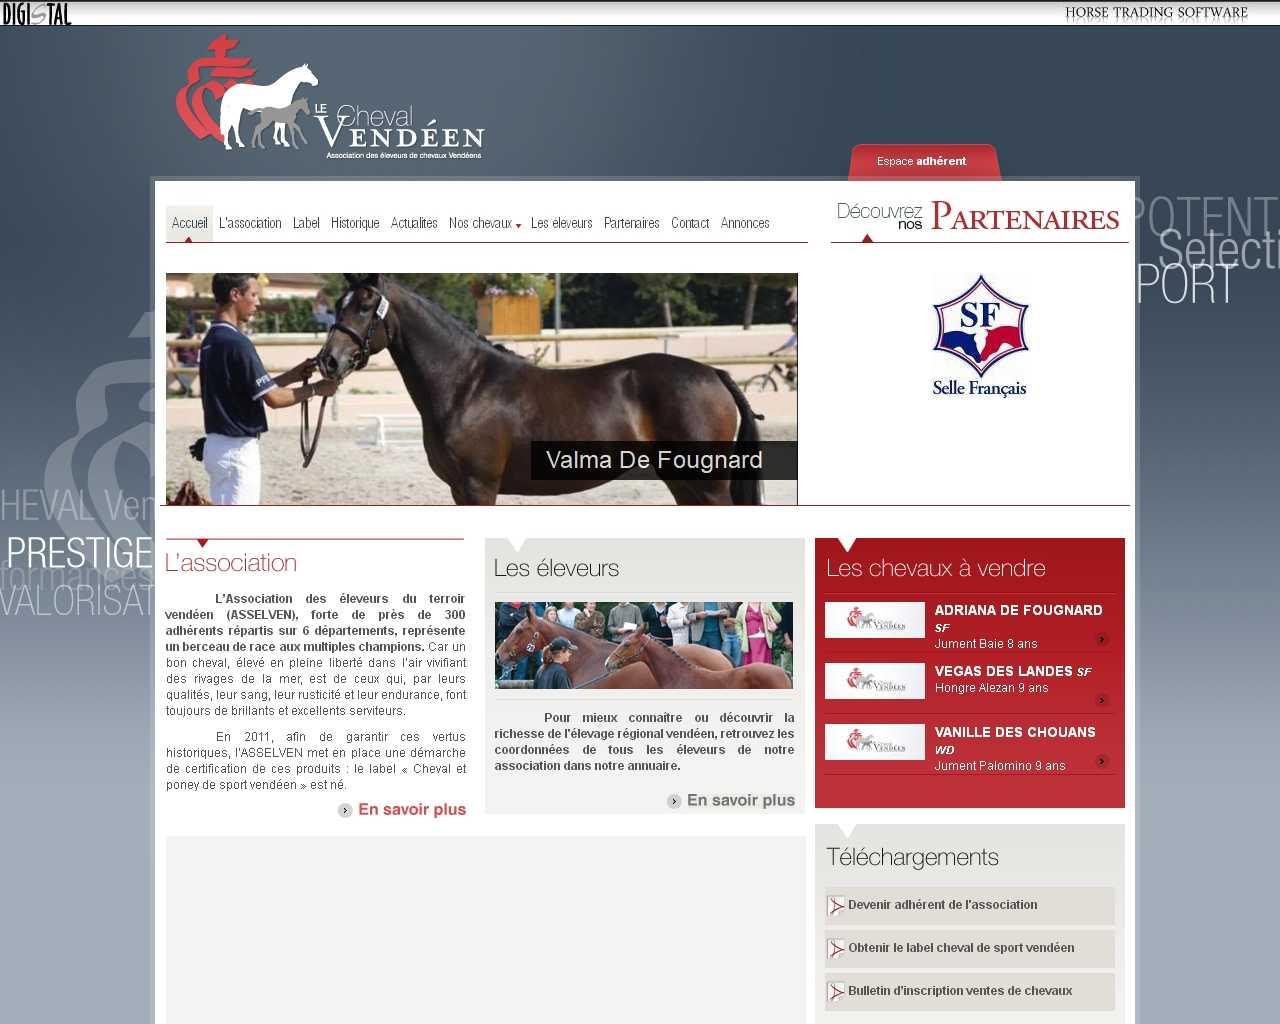 Association des Eleveurs du Terroir Vendéen un site Dreamclic